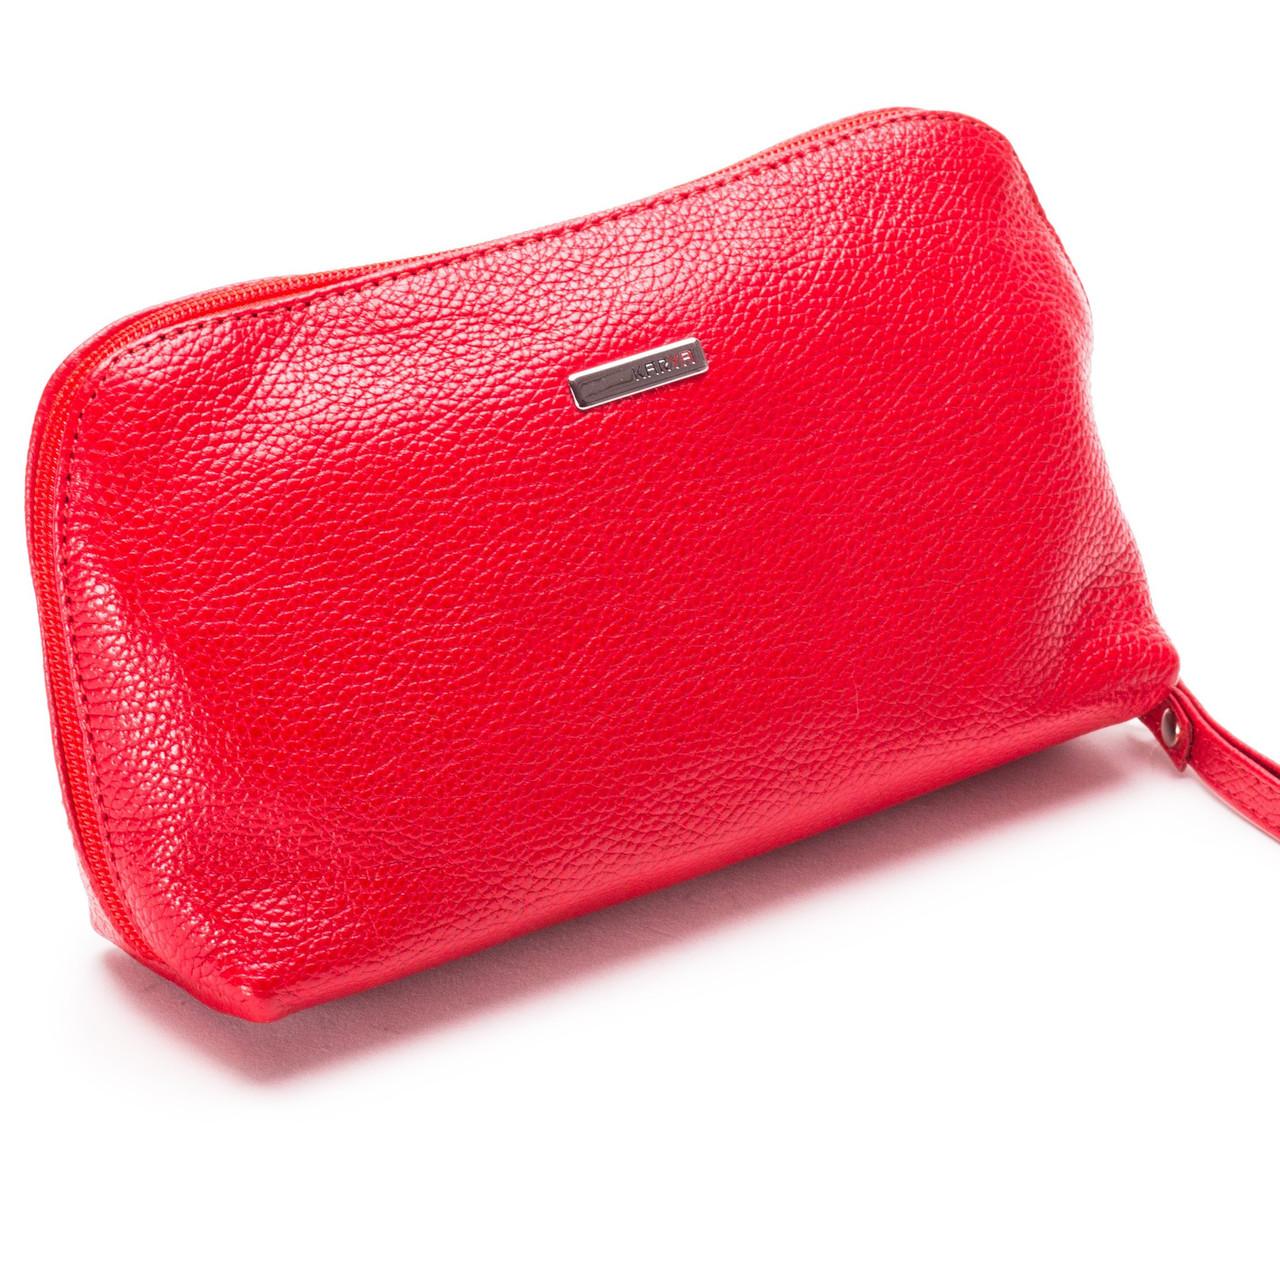 ea6e8d678b3d Женская косметичка красная из натуральной кожи Karya 2020-46: от ...